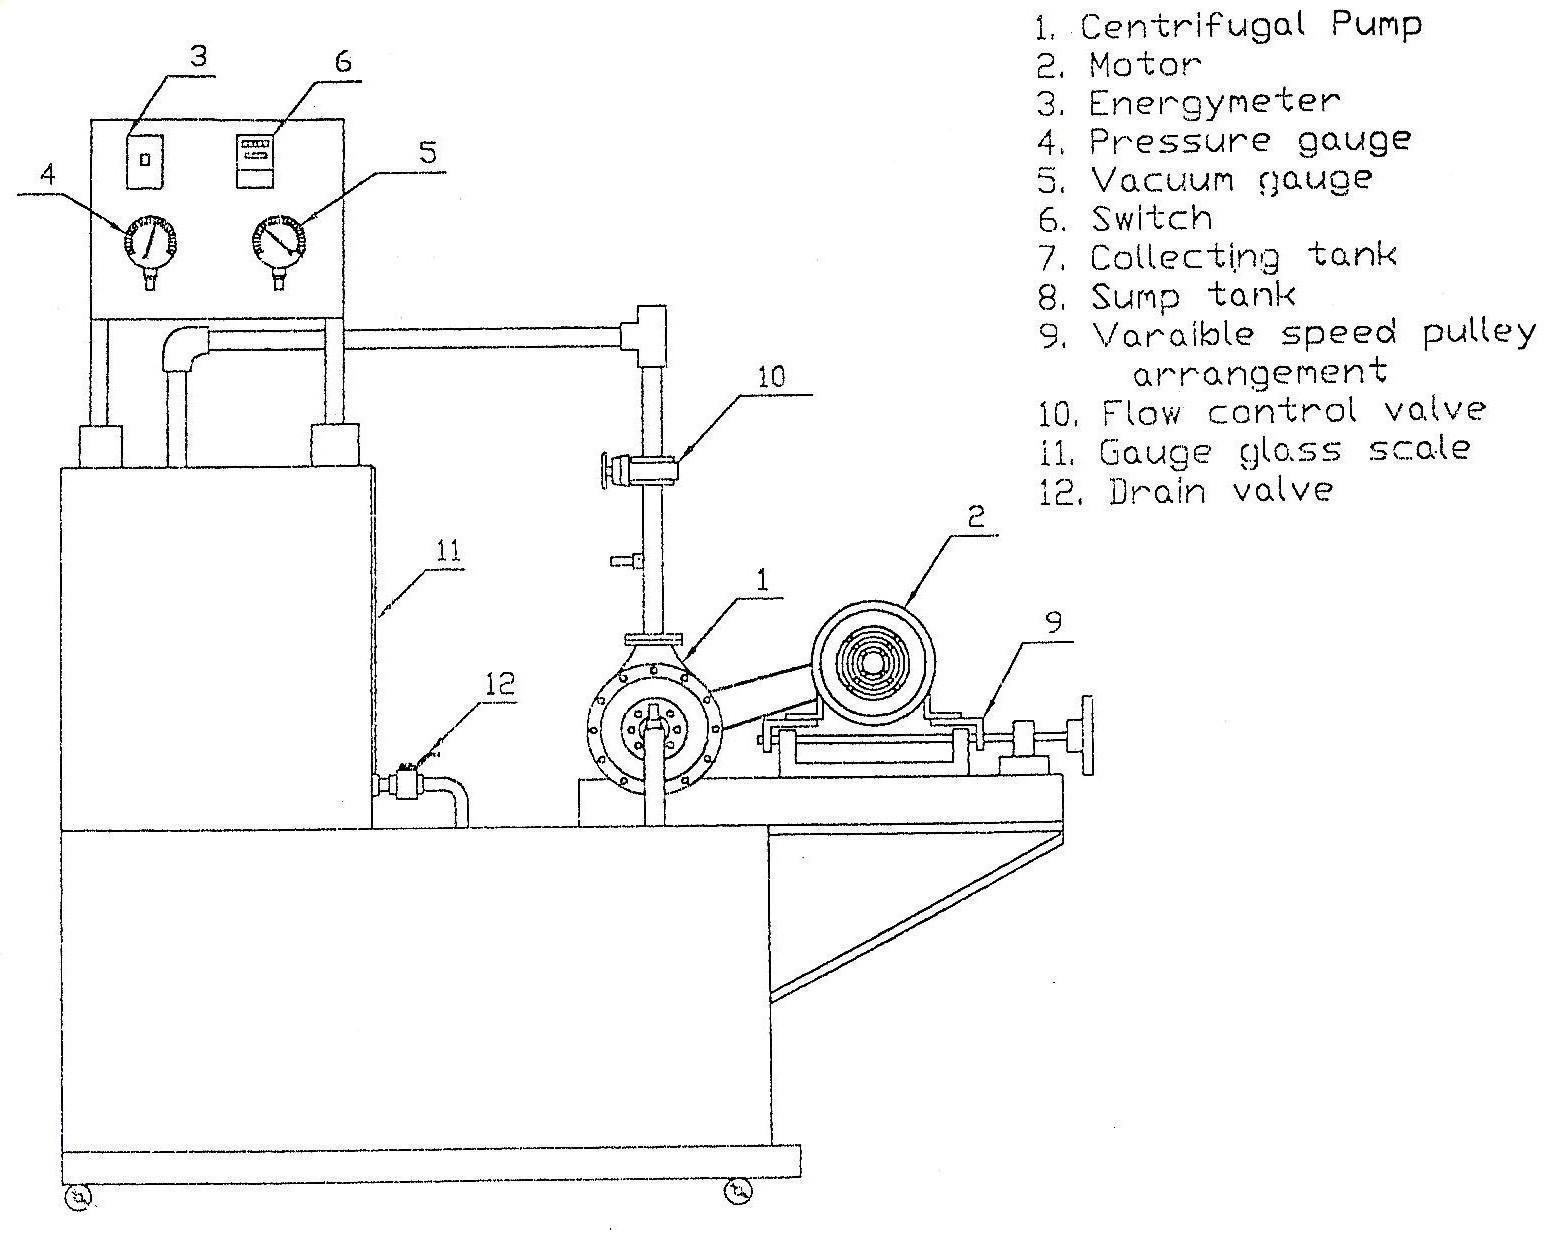 Bibin Chidambaranathan Centrifugal Pump Test Rig